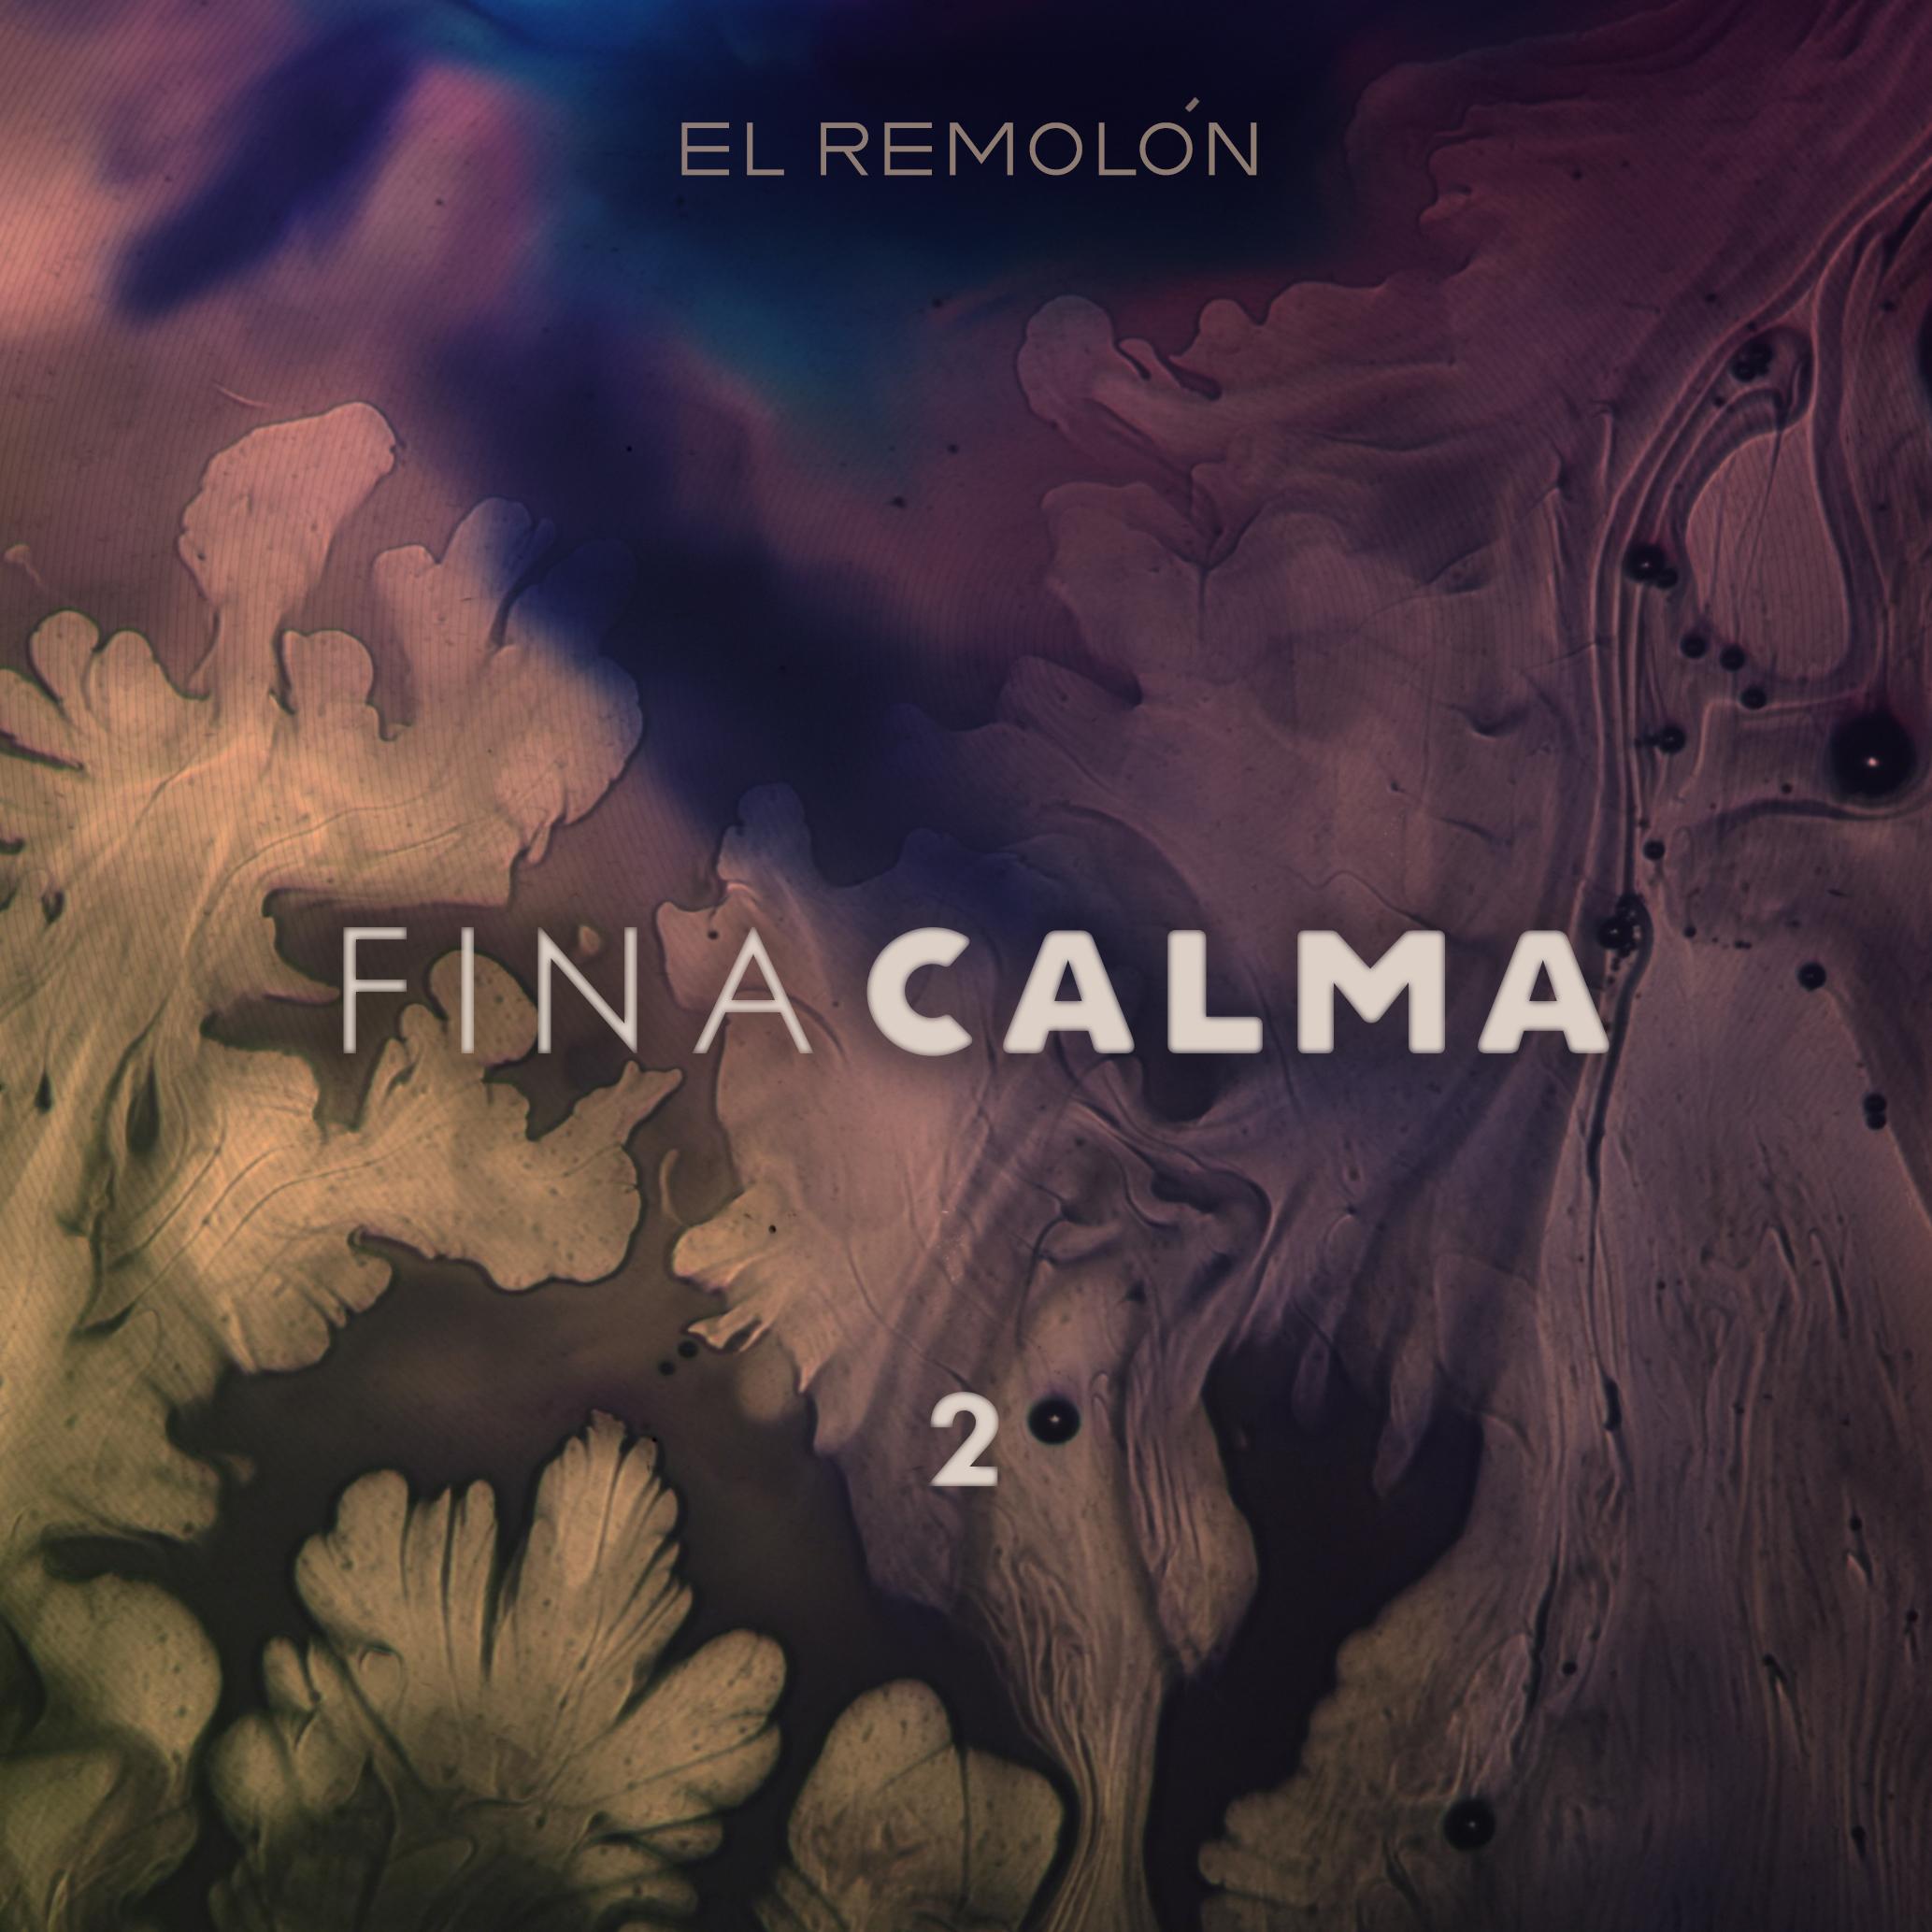 Medio Ambiente #5 – FINA CALMA II – El Remolón